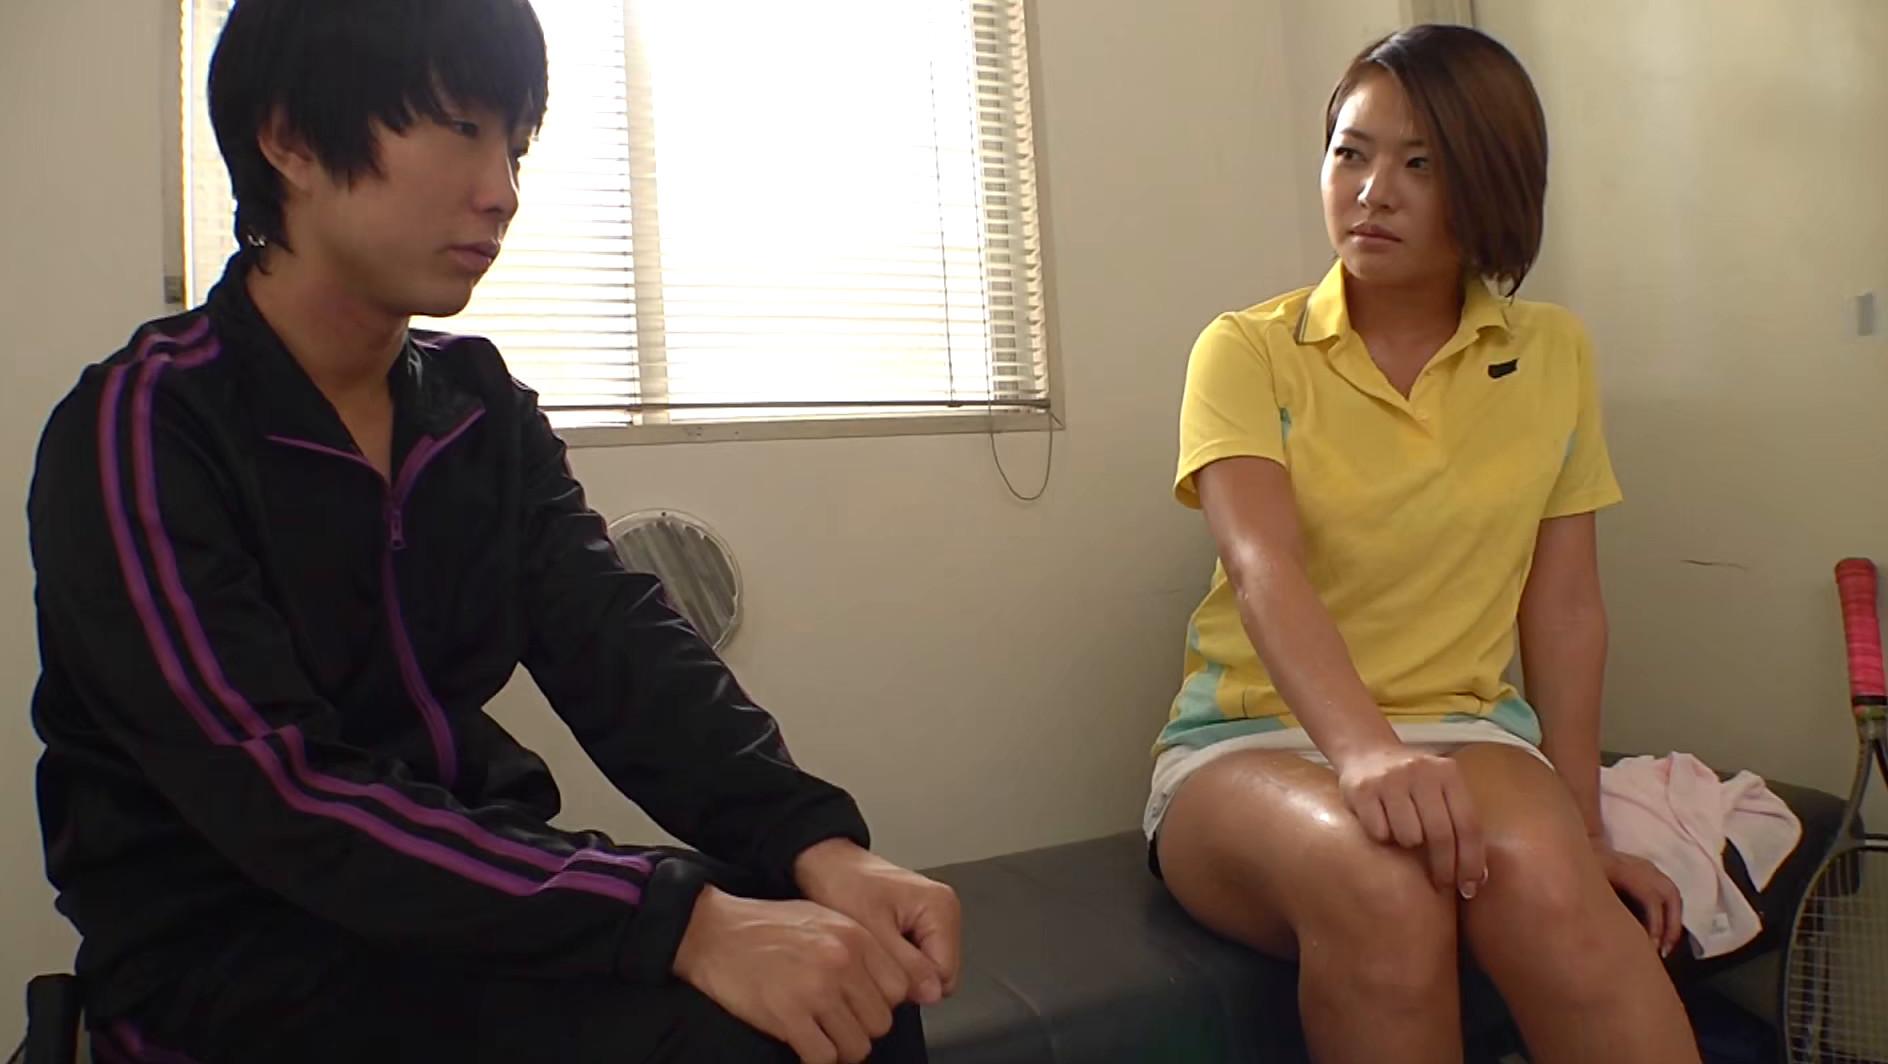 学校で人気のエロいテニス部先輩と・・・2人きりの更衣室で中出しSEX!